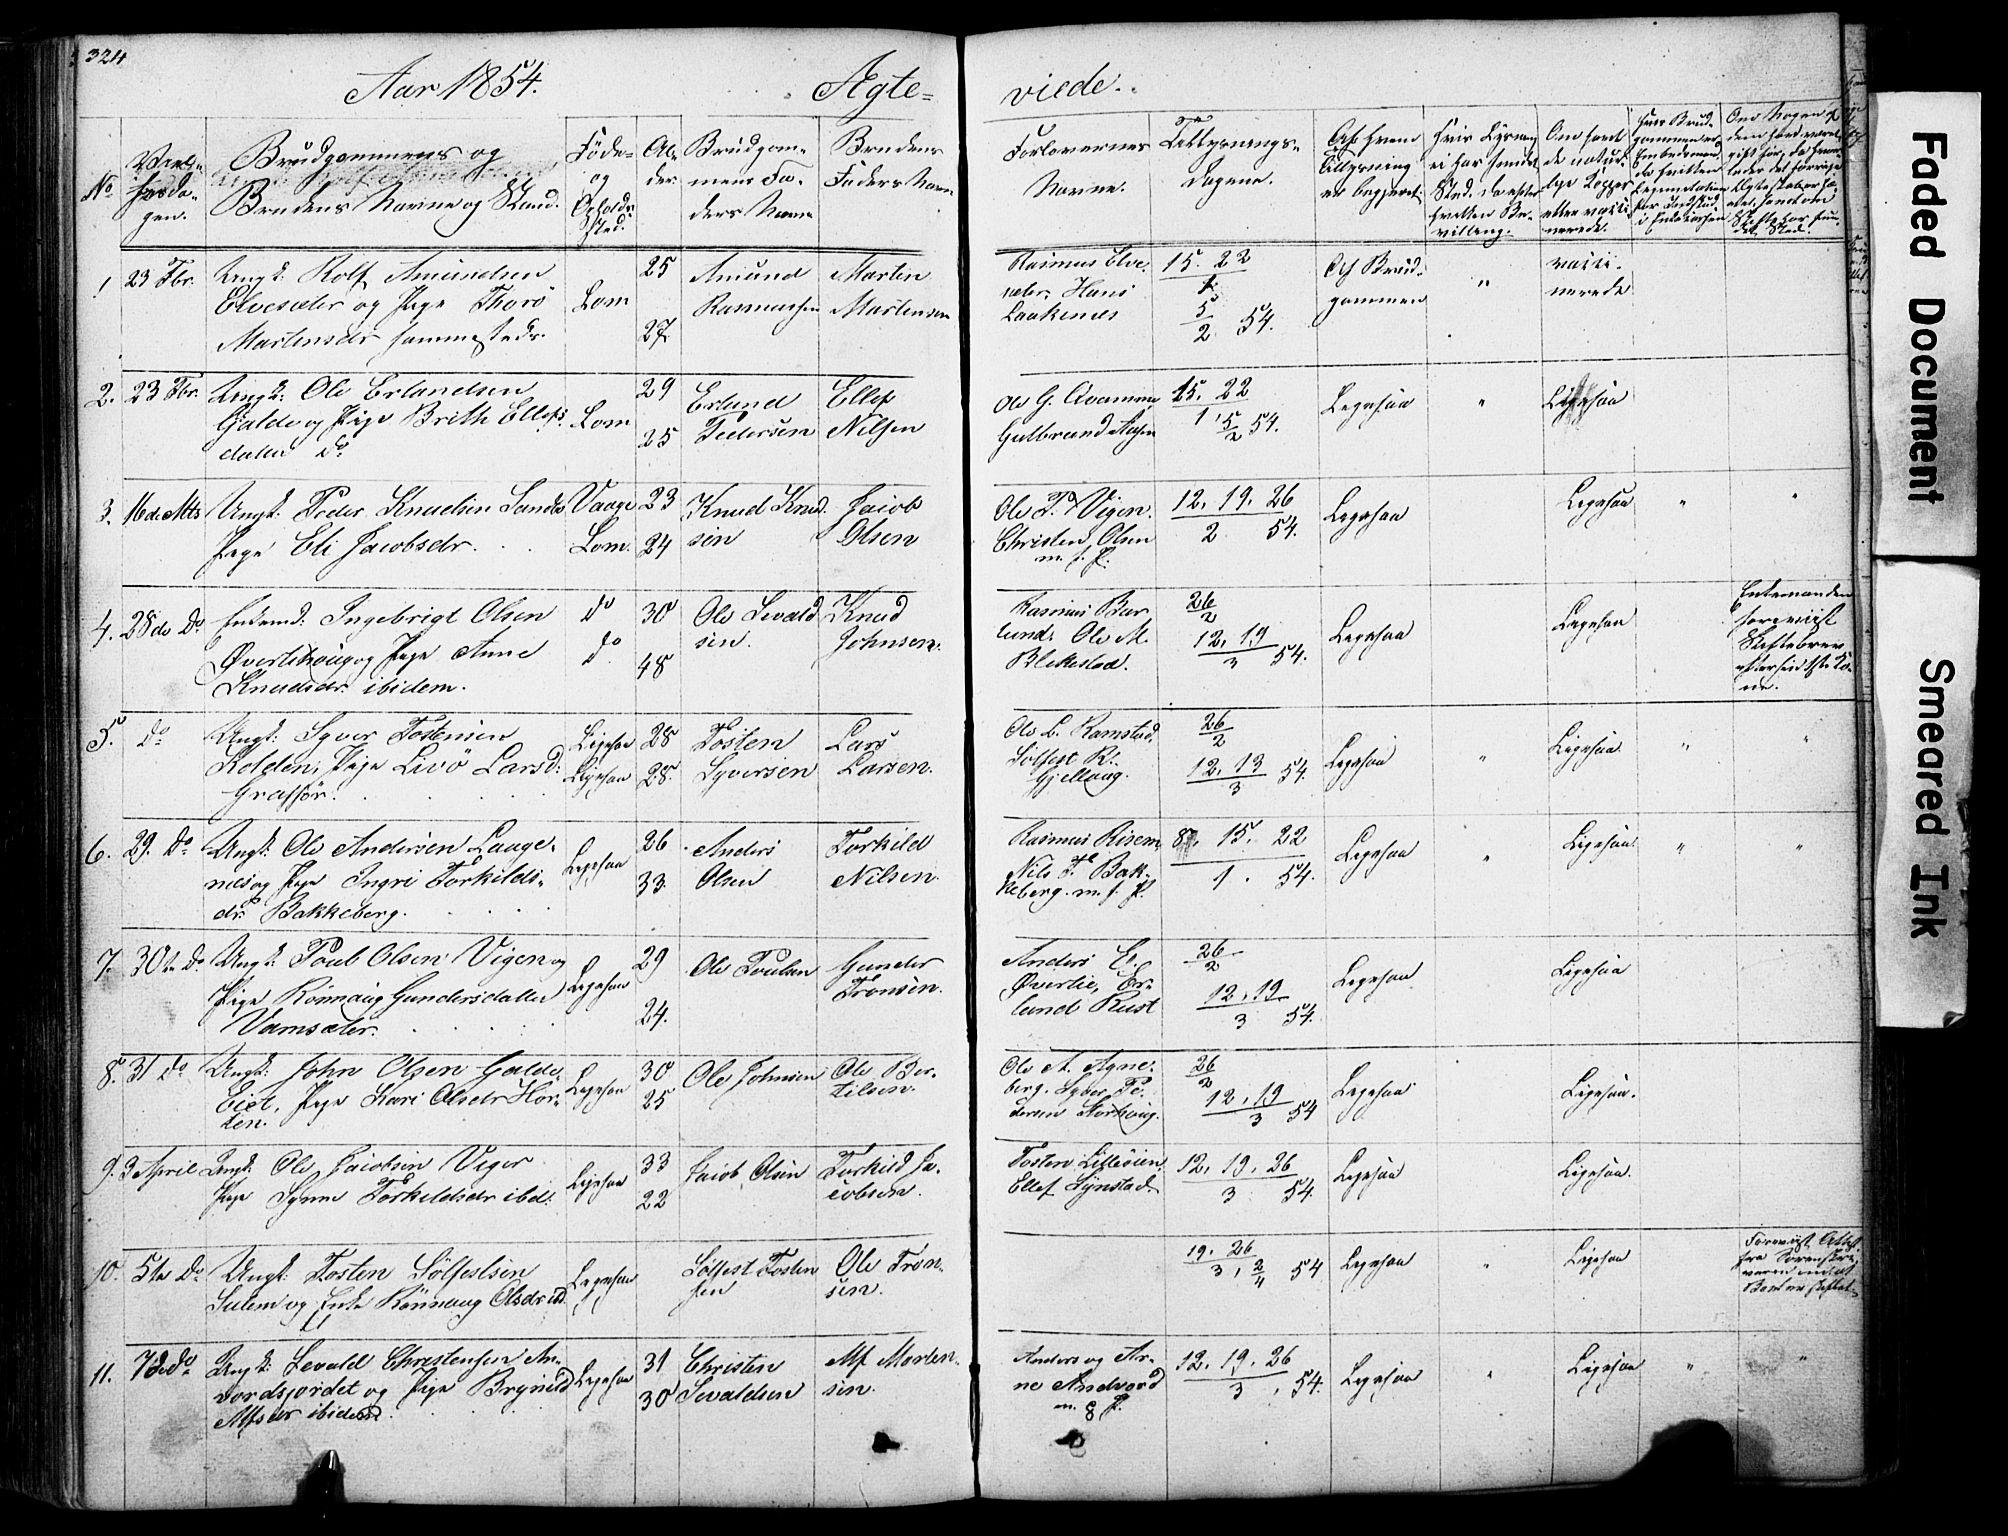 SAH, Lom prestekontor, L/L0012: Klokkerbok nr. 12, 1845-1873, s. 324-325